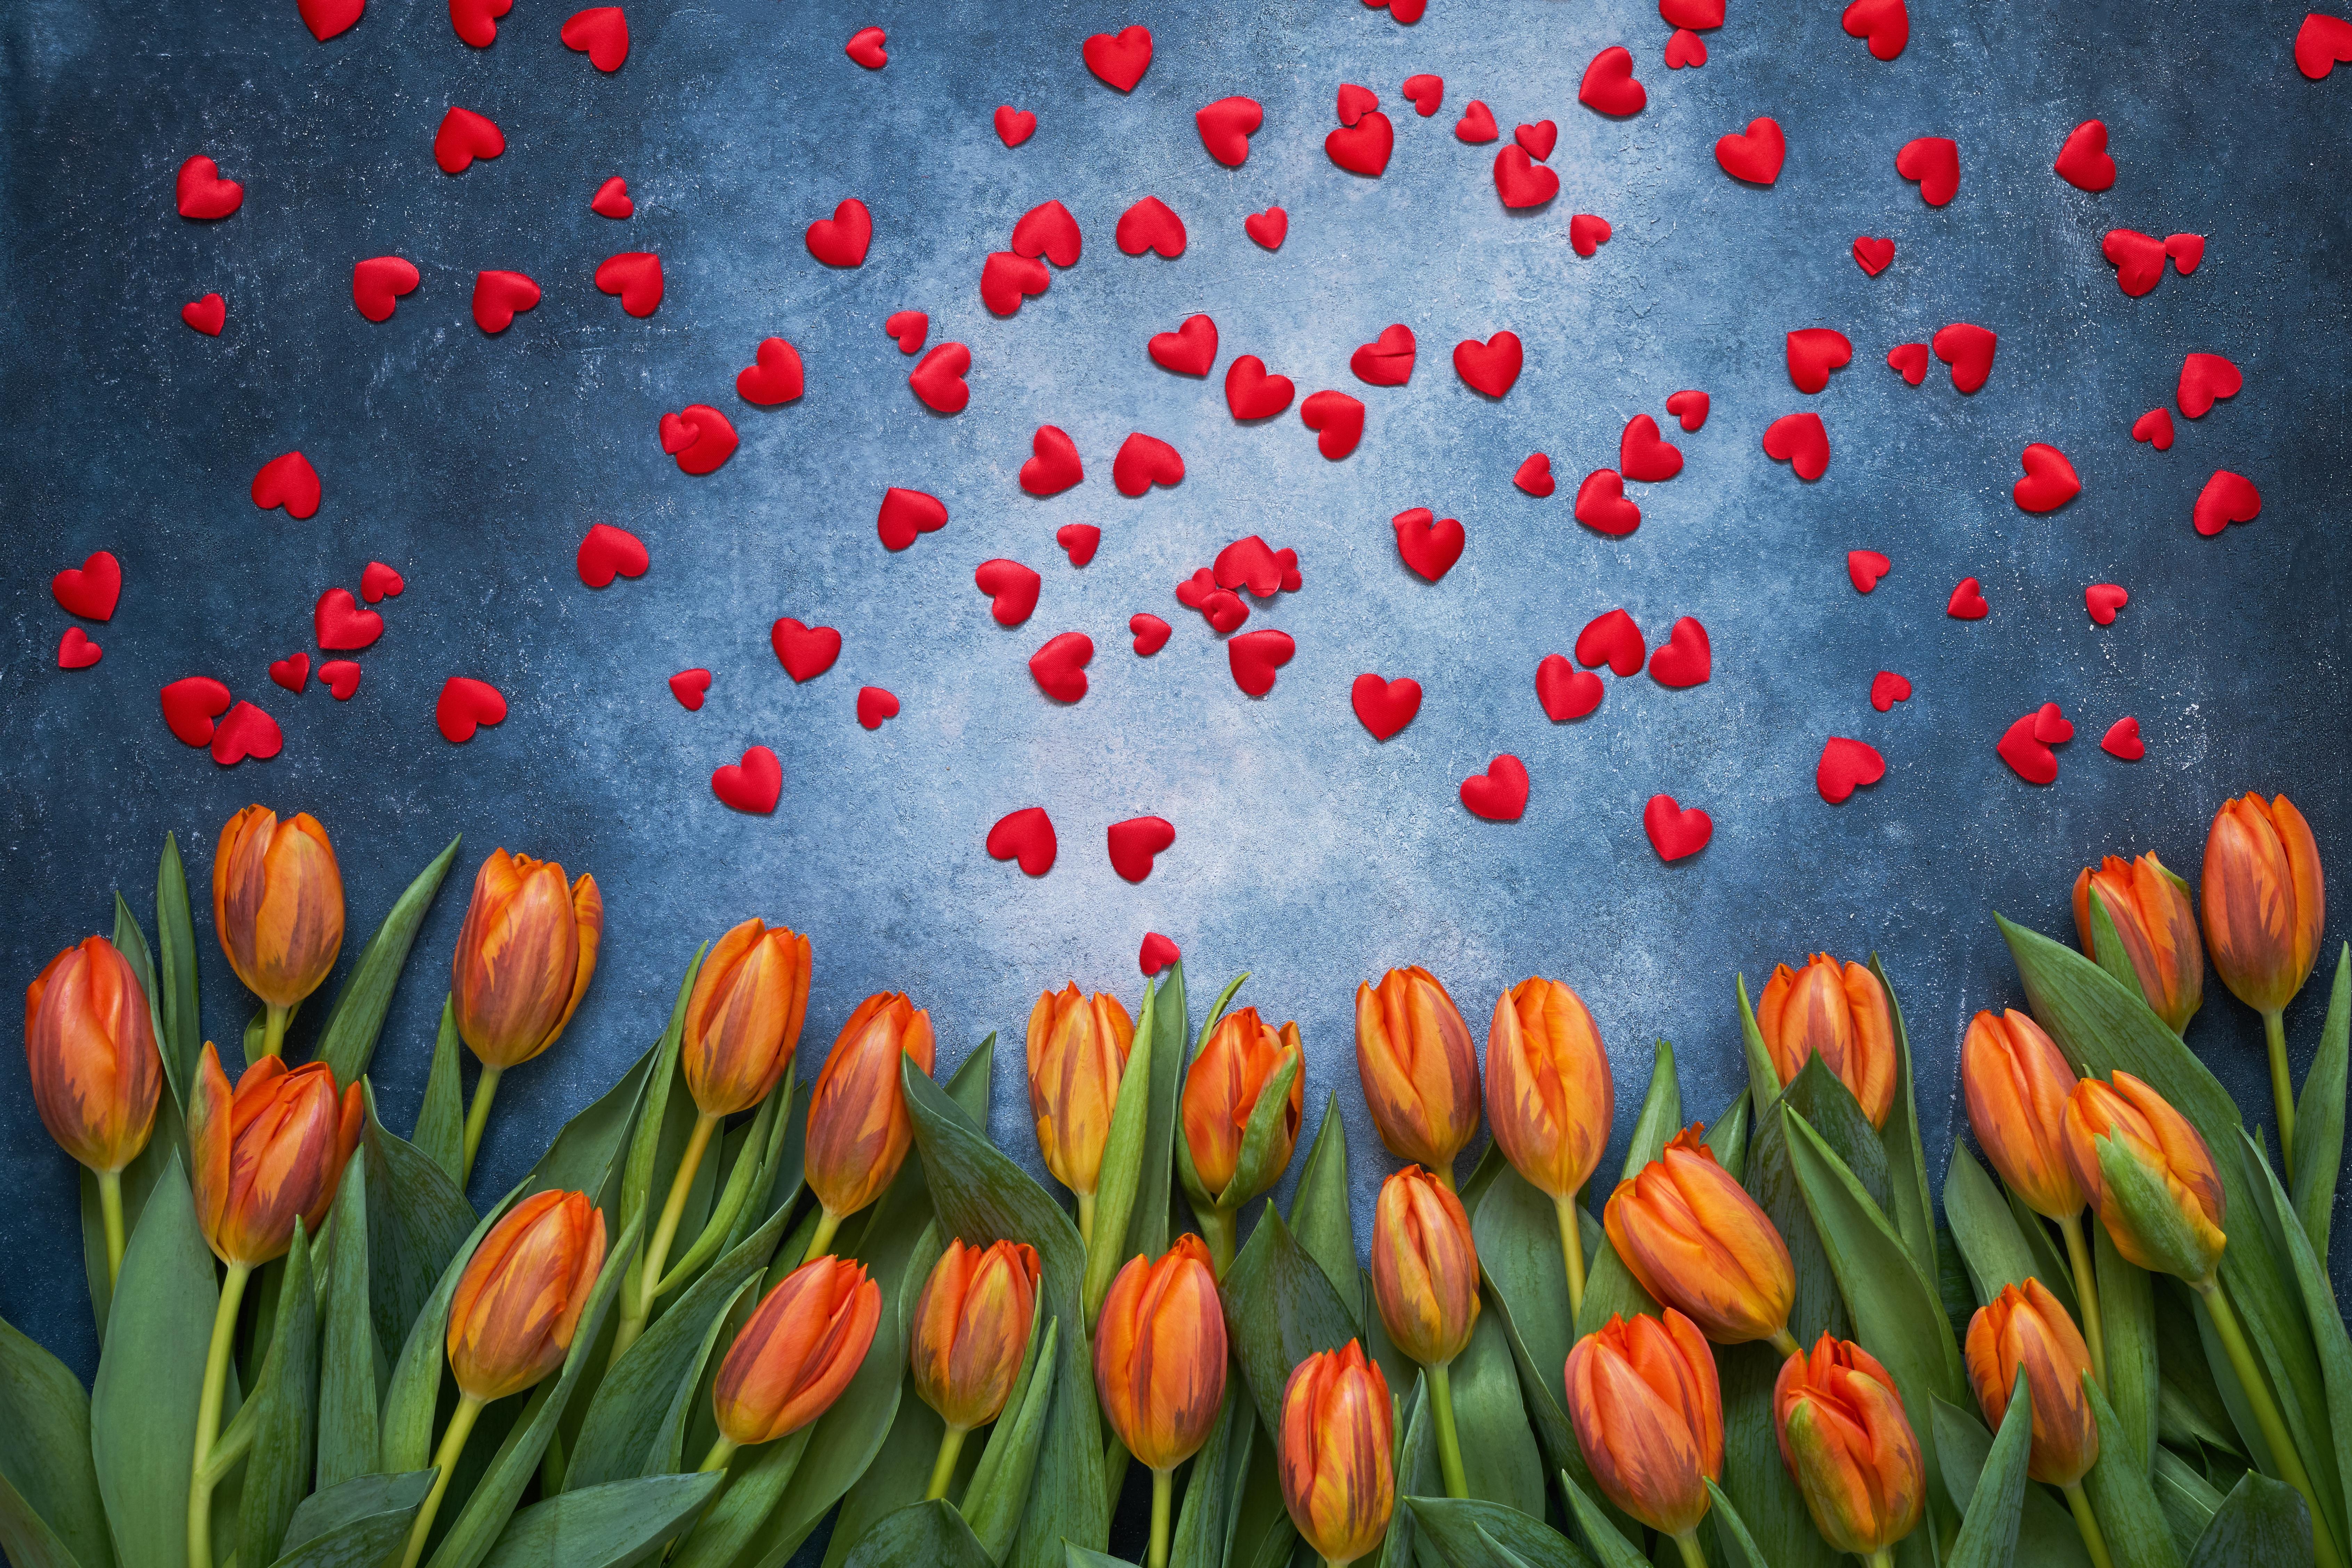 Фотография День святого Валентина сердечко тюльпан цветок 6768x4512 День всех влюблённых серце сердца Сердце Тюльпаны Цветы